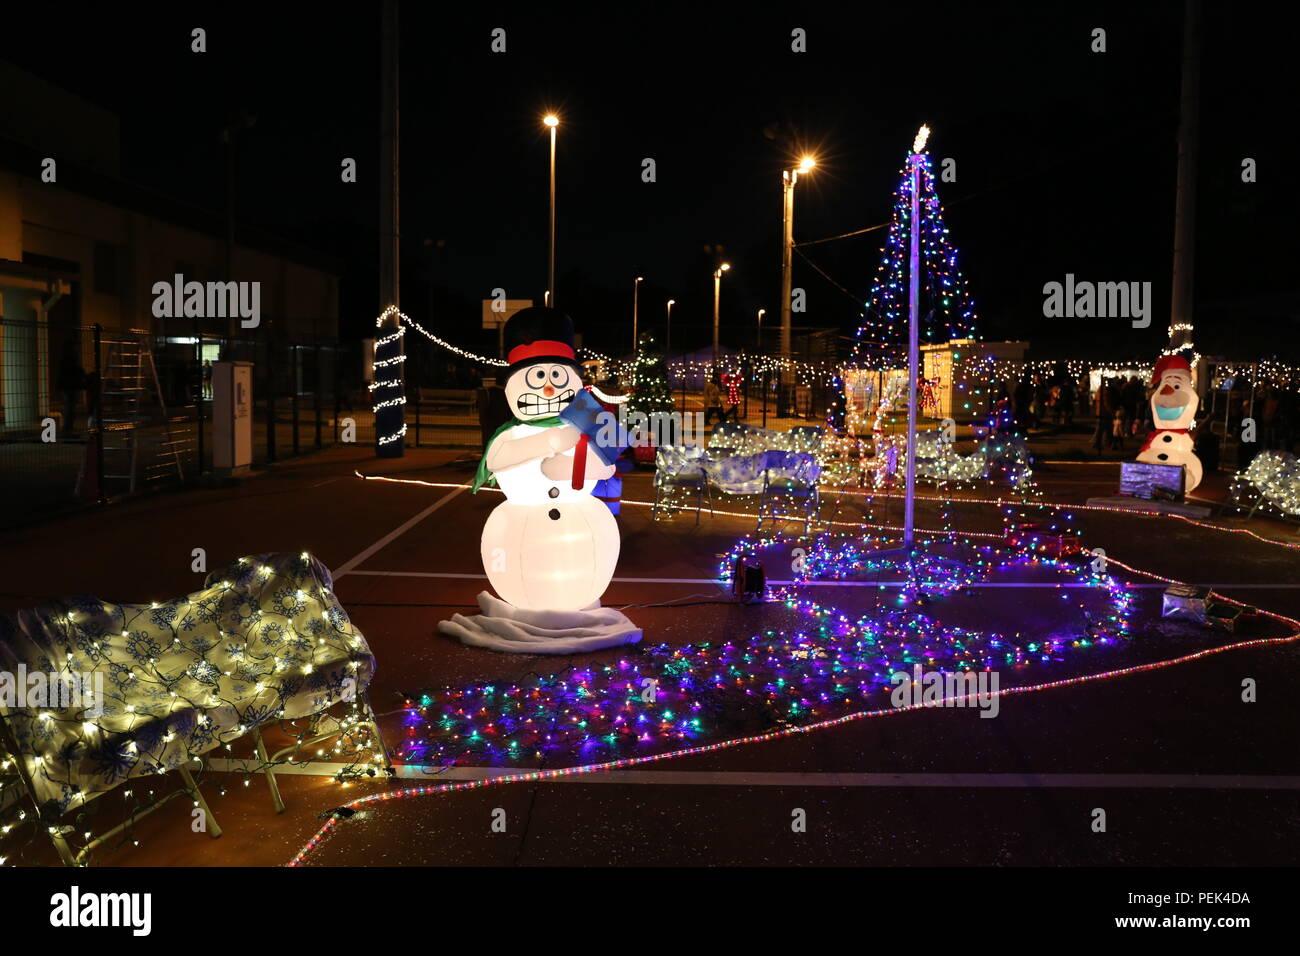 Weihnachten Mit Fantasy.Bild Aus Weihnachten Fantasy Land Wo Jugendliche Mitglieder Mit